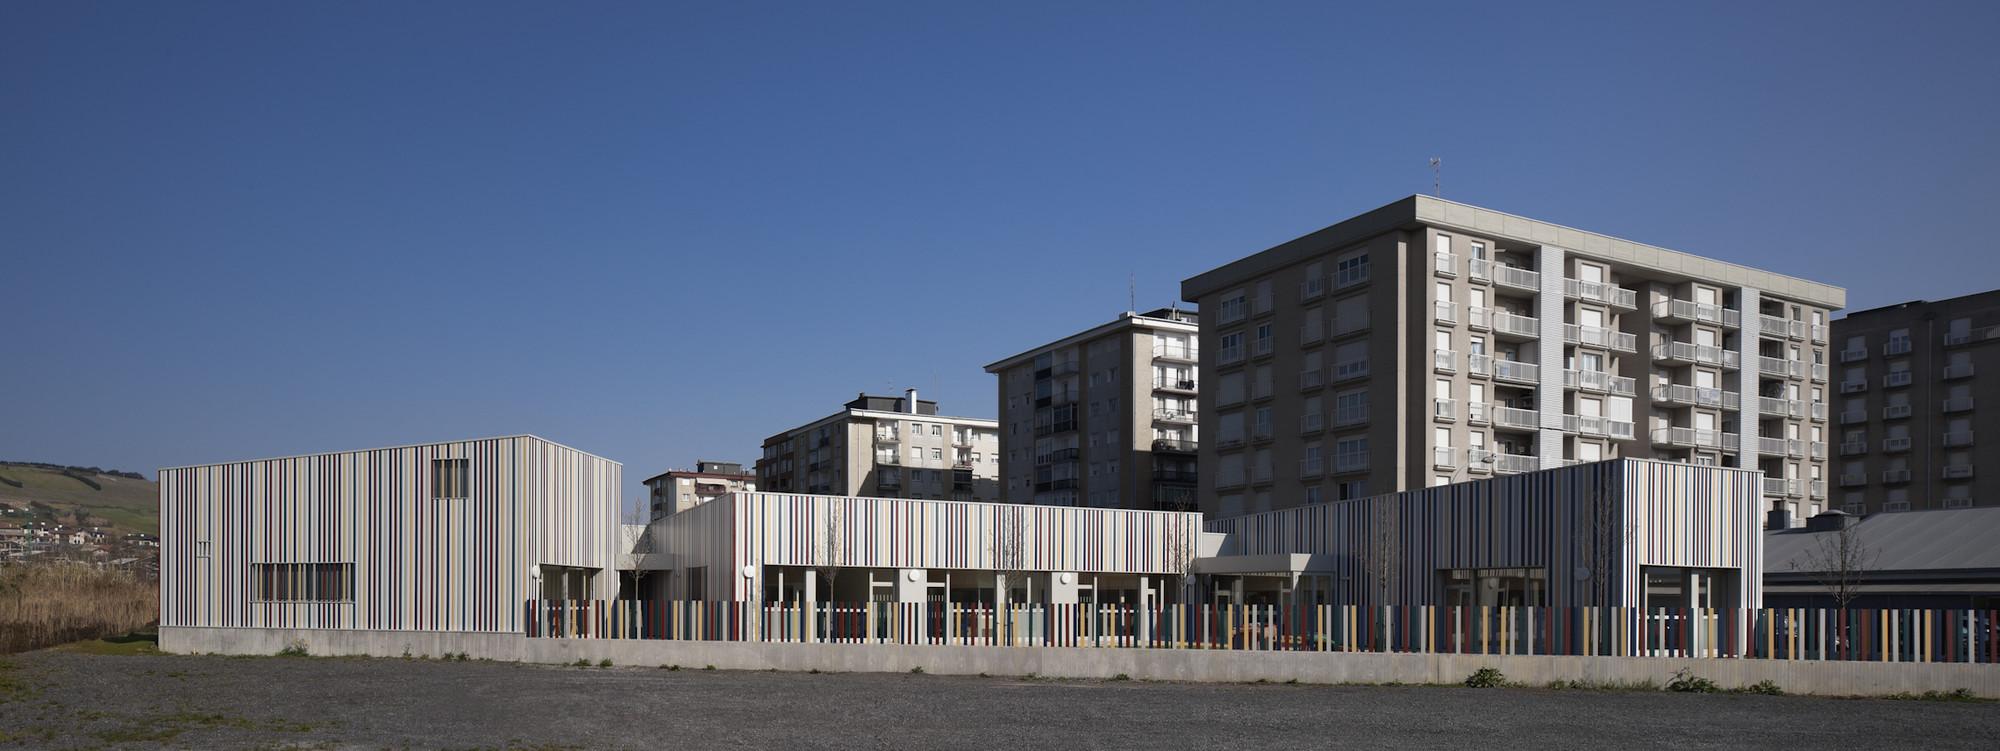 Nursery In Zarautz / Ignacio Quemada Arquitectos, © Alejo Bagué